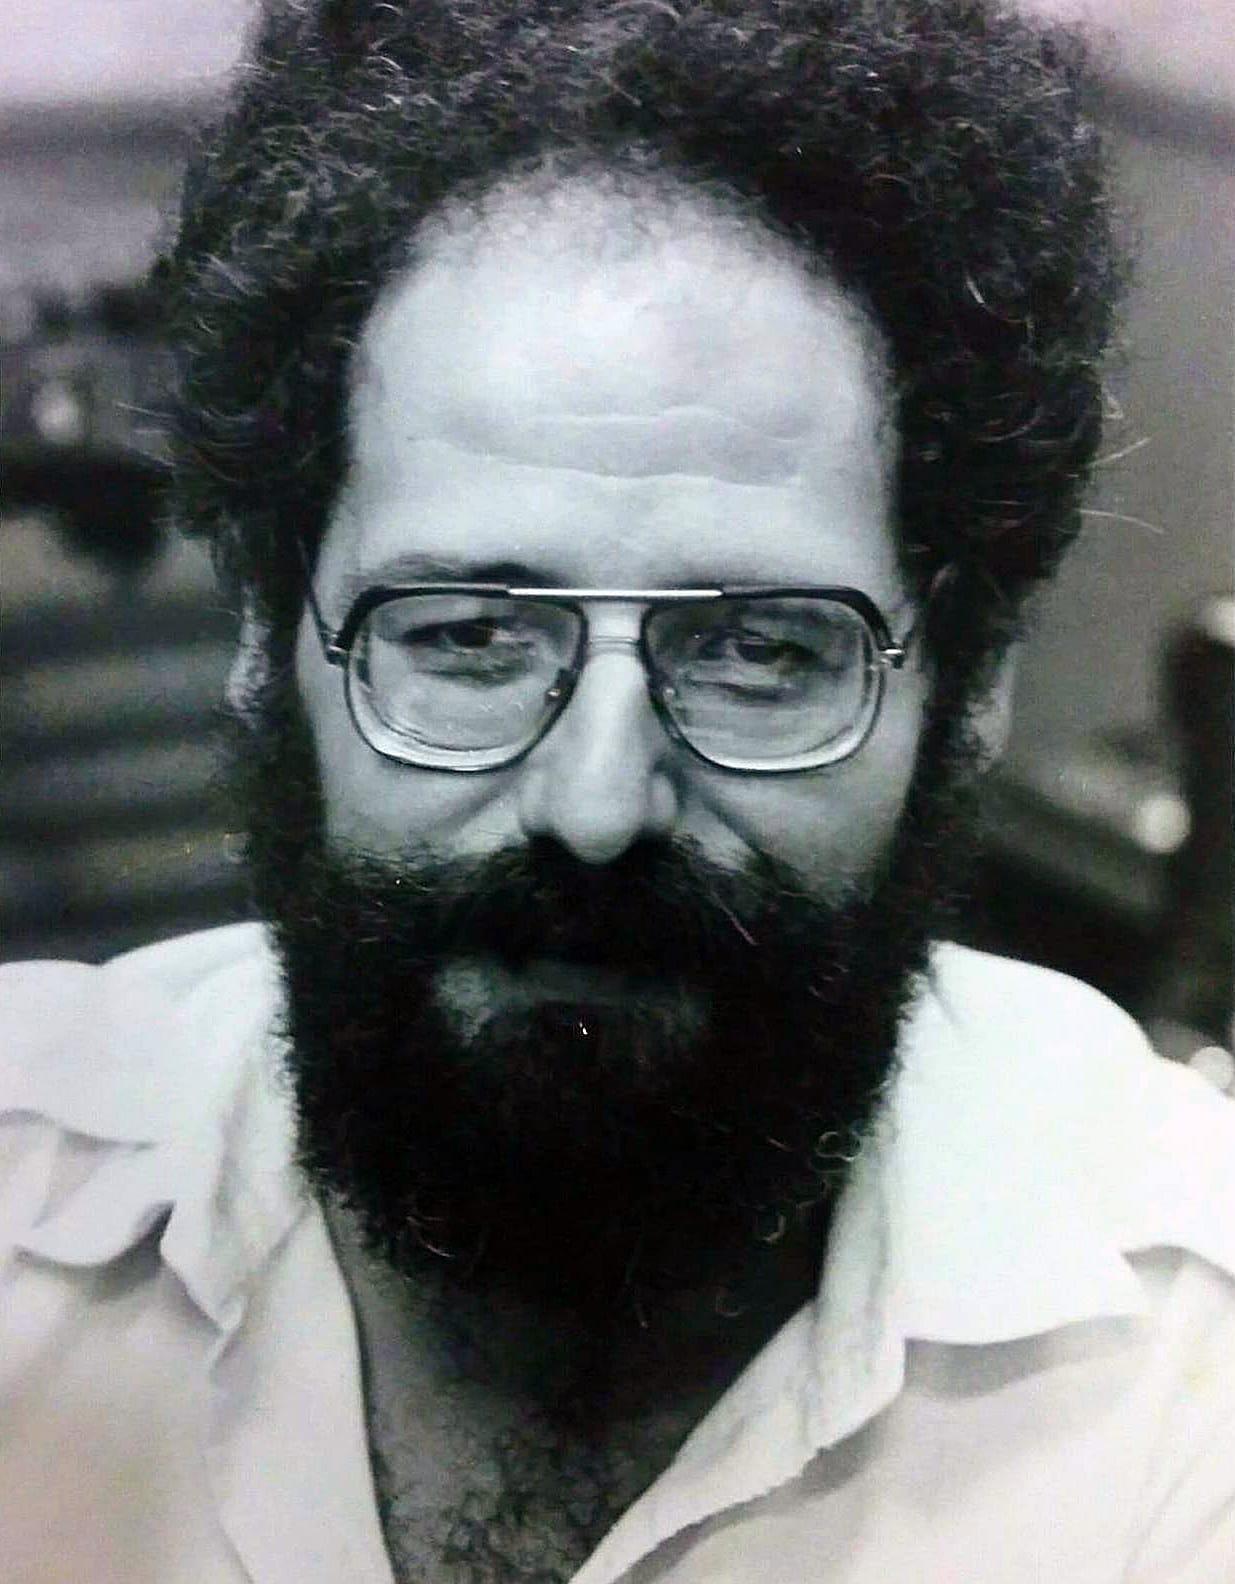 מיכאל הנדלזלץ בשנות השבעים